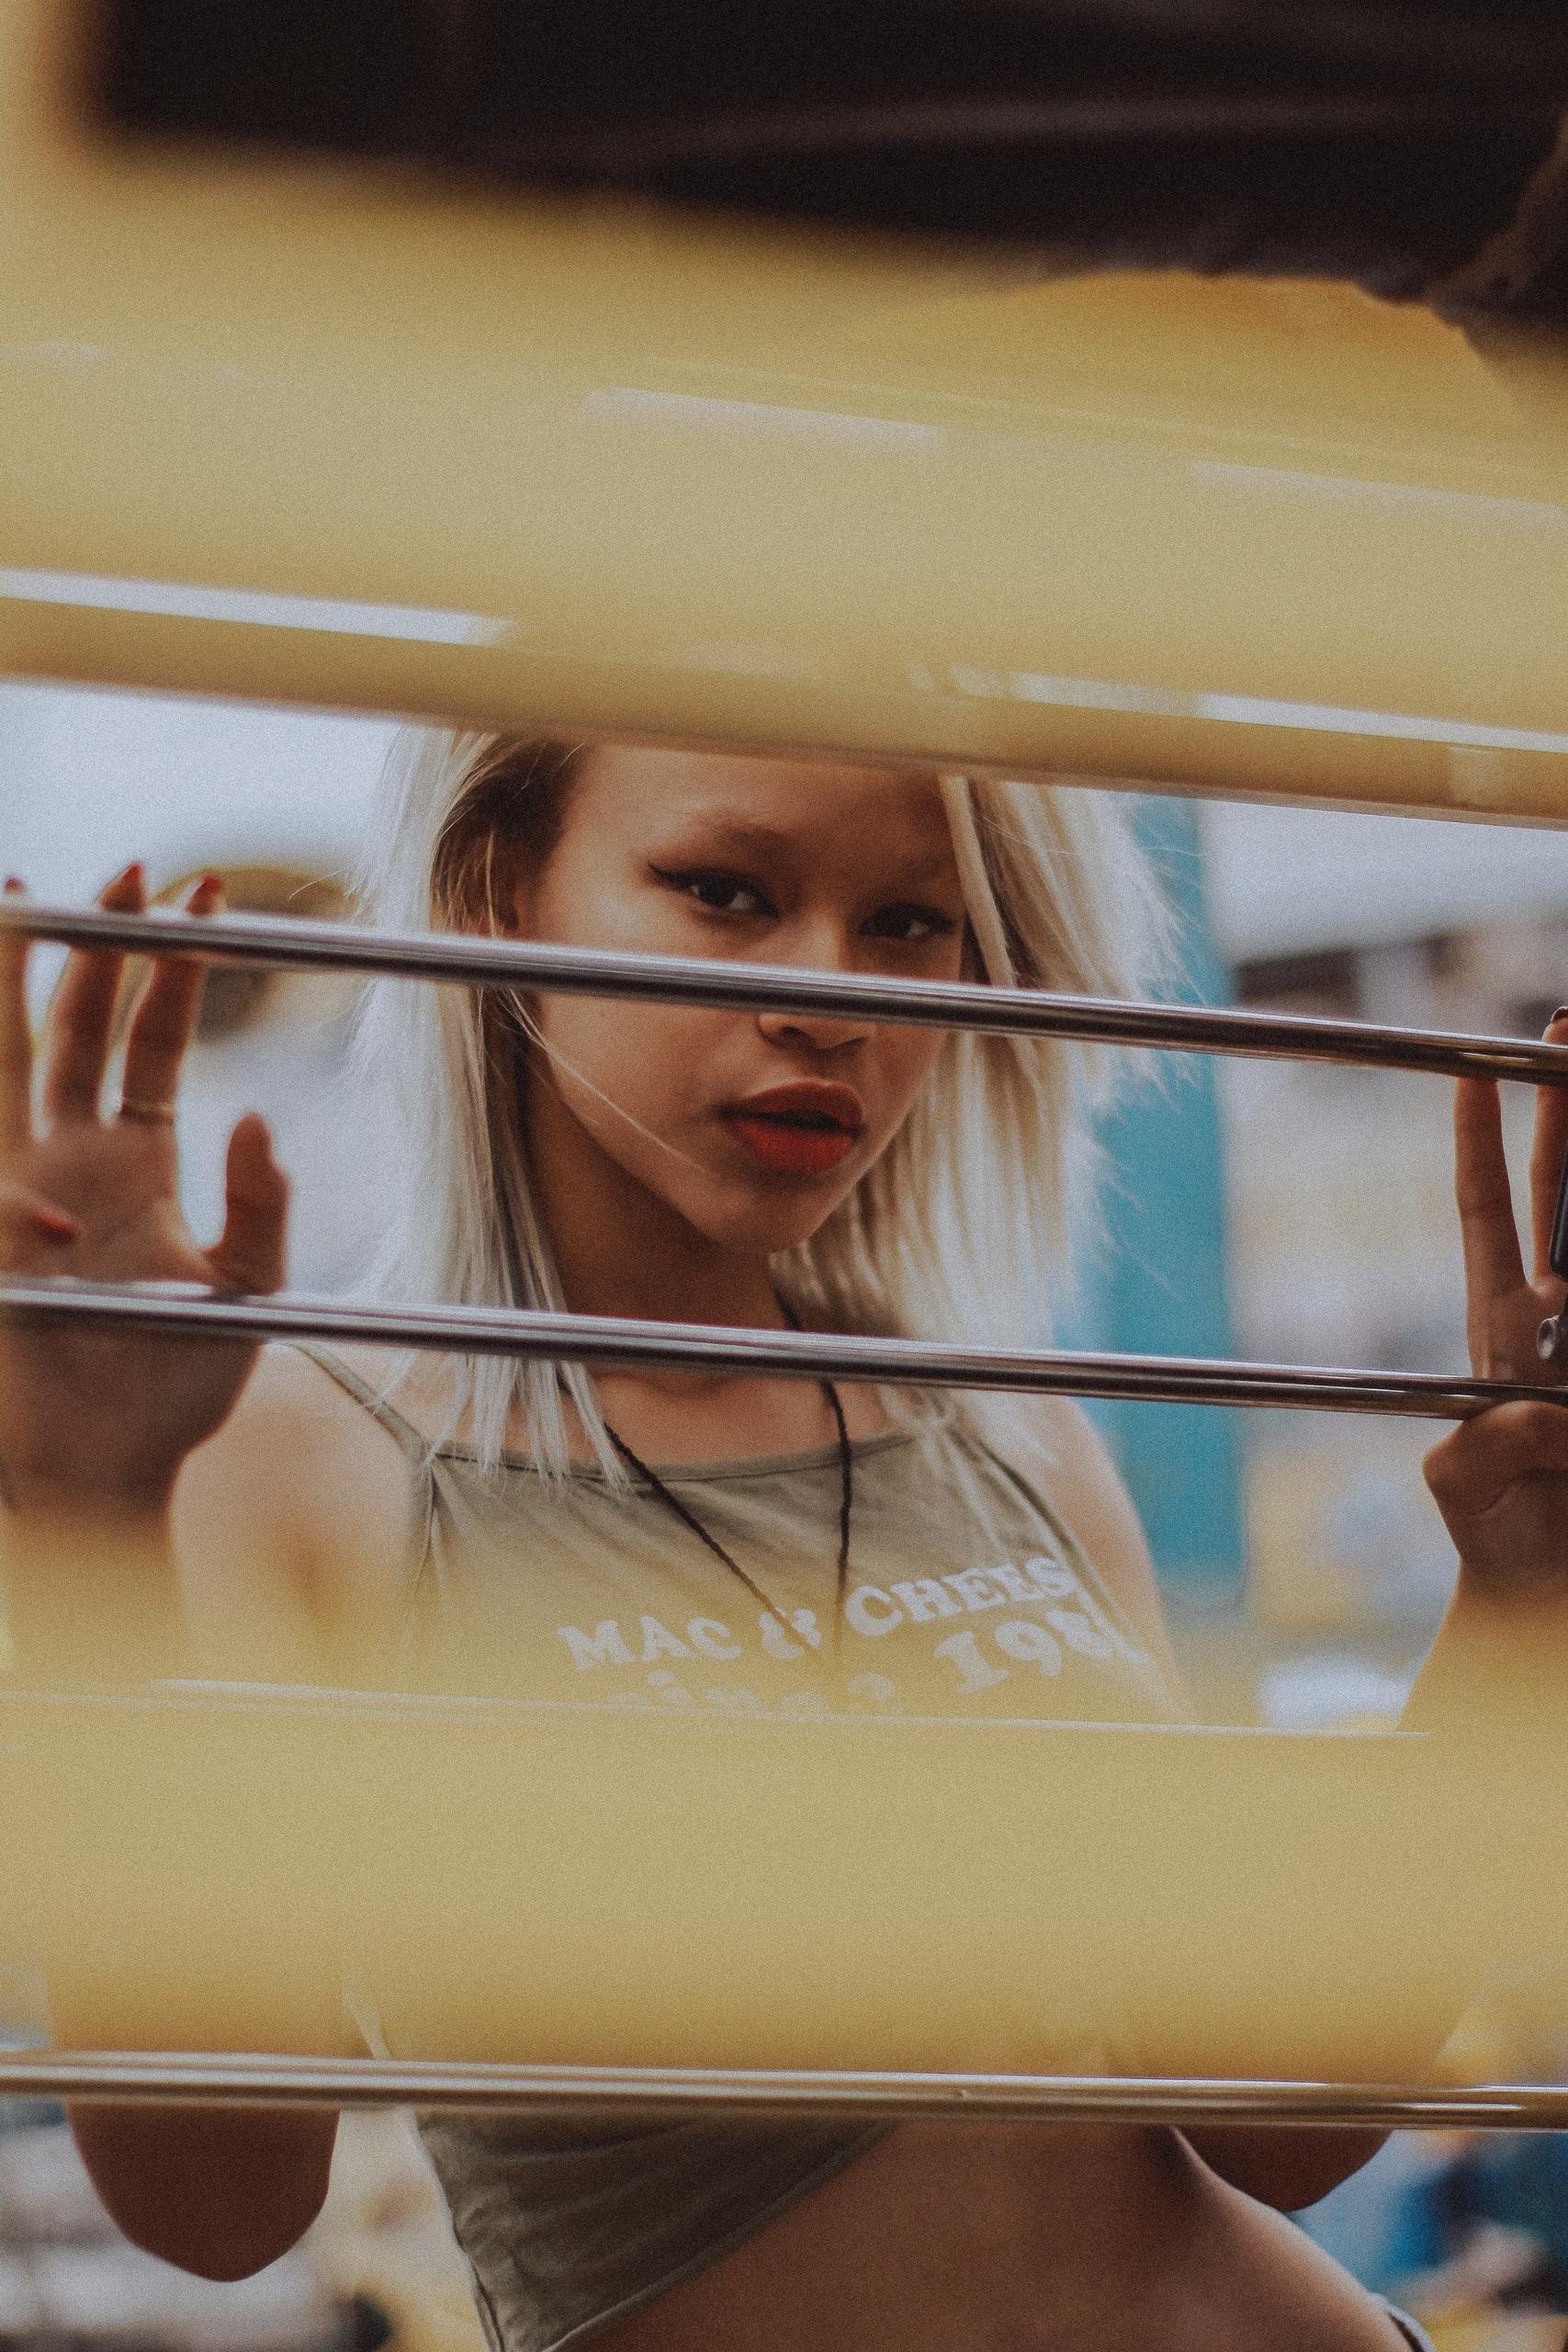 Talk lightroomedit - street,, woman, - caiqueportraits | ello